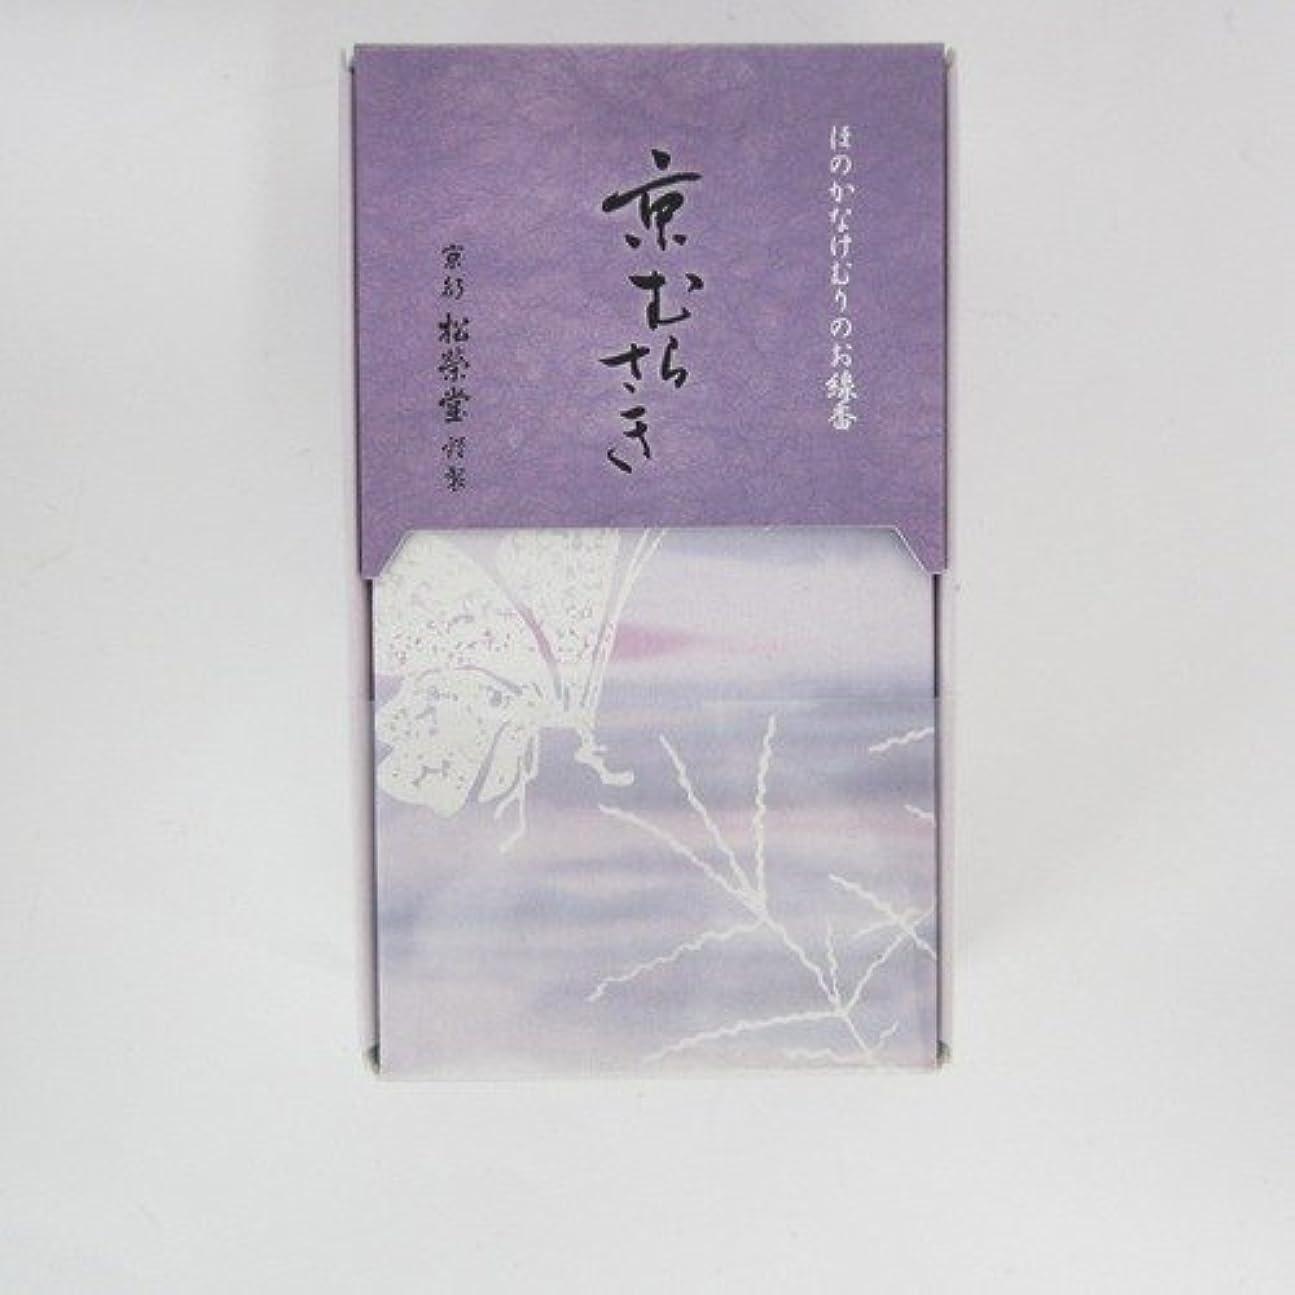 上昇クリックミント松栄堂 玉響シリーズ 京むらさき 45g